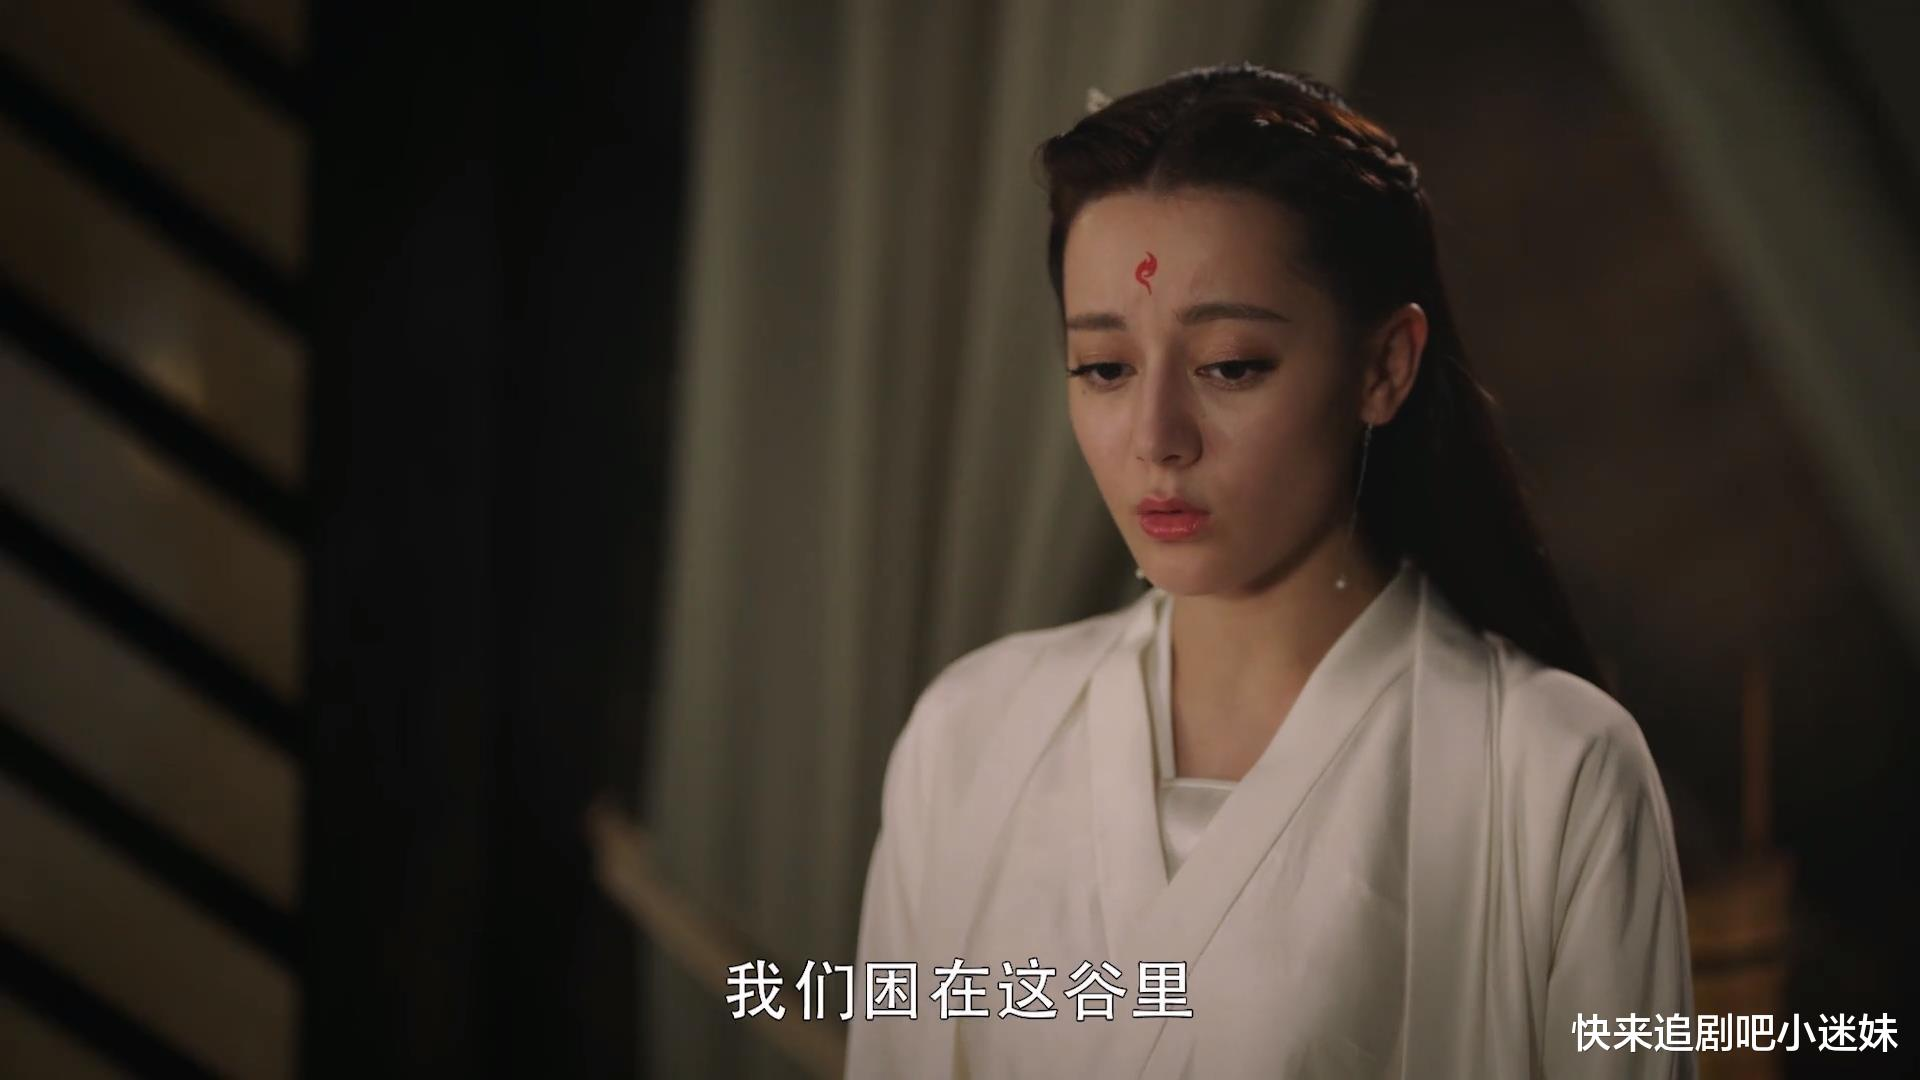 《枕上书》梵音谷有新角色上线,东华凤九的烂桃花,嘉行新人演员